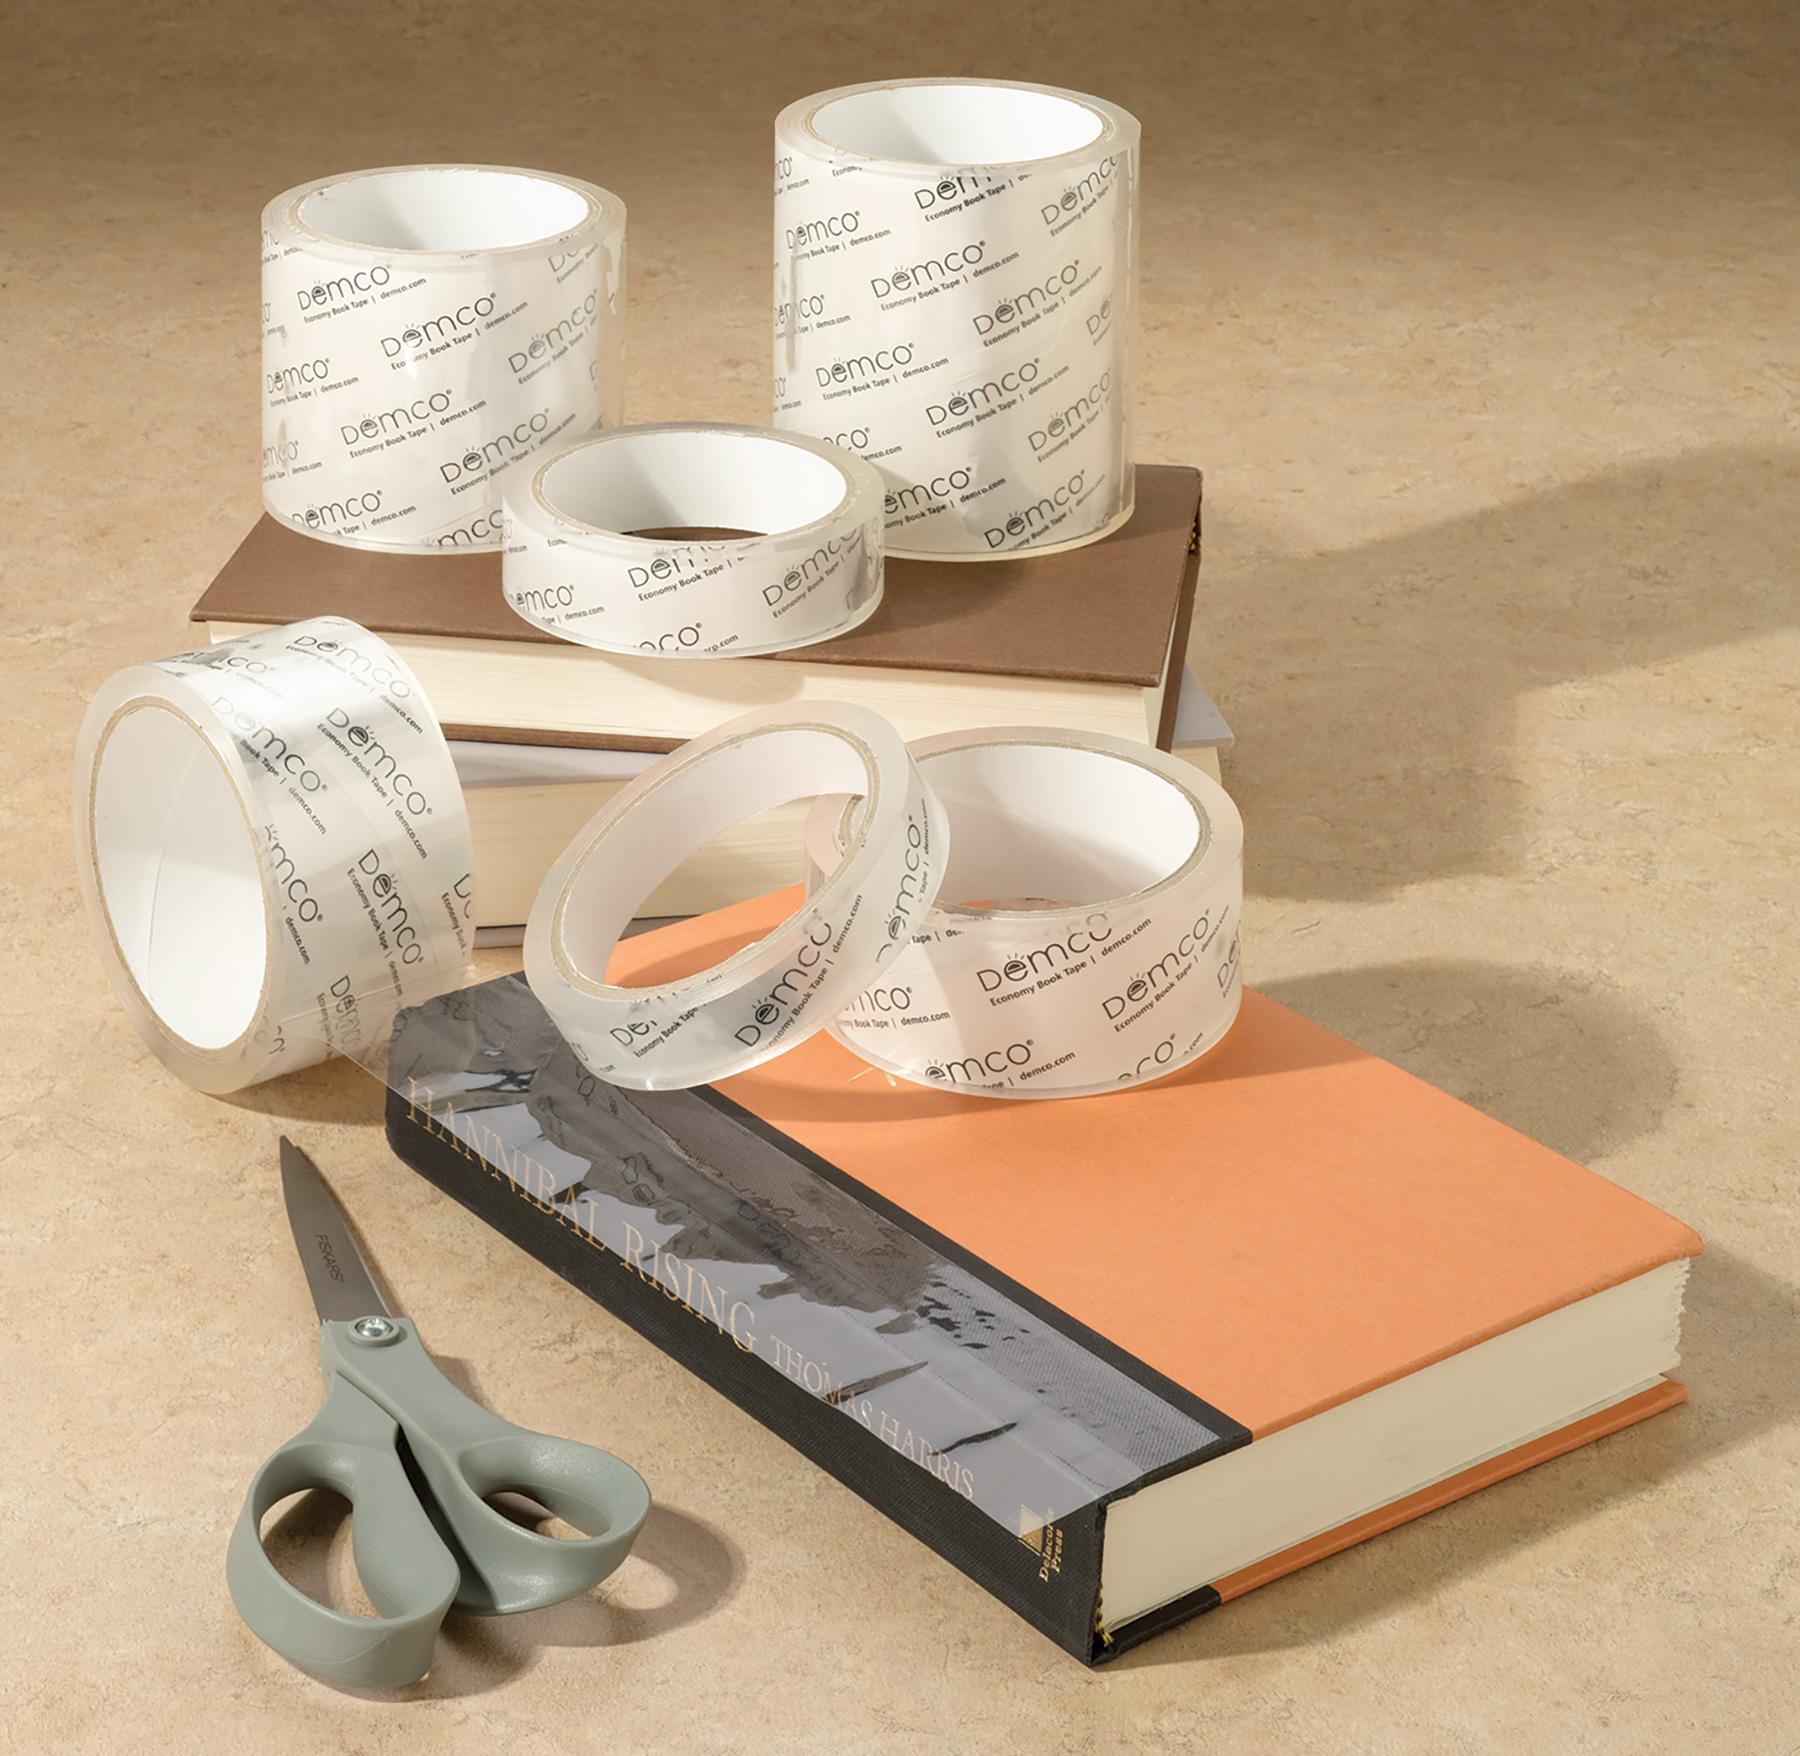 Demco® Economy Book Tape